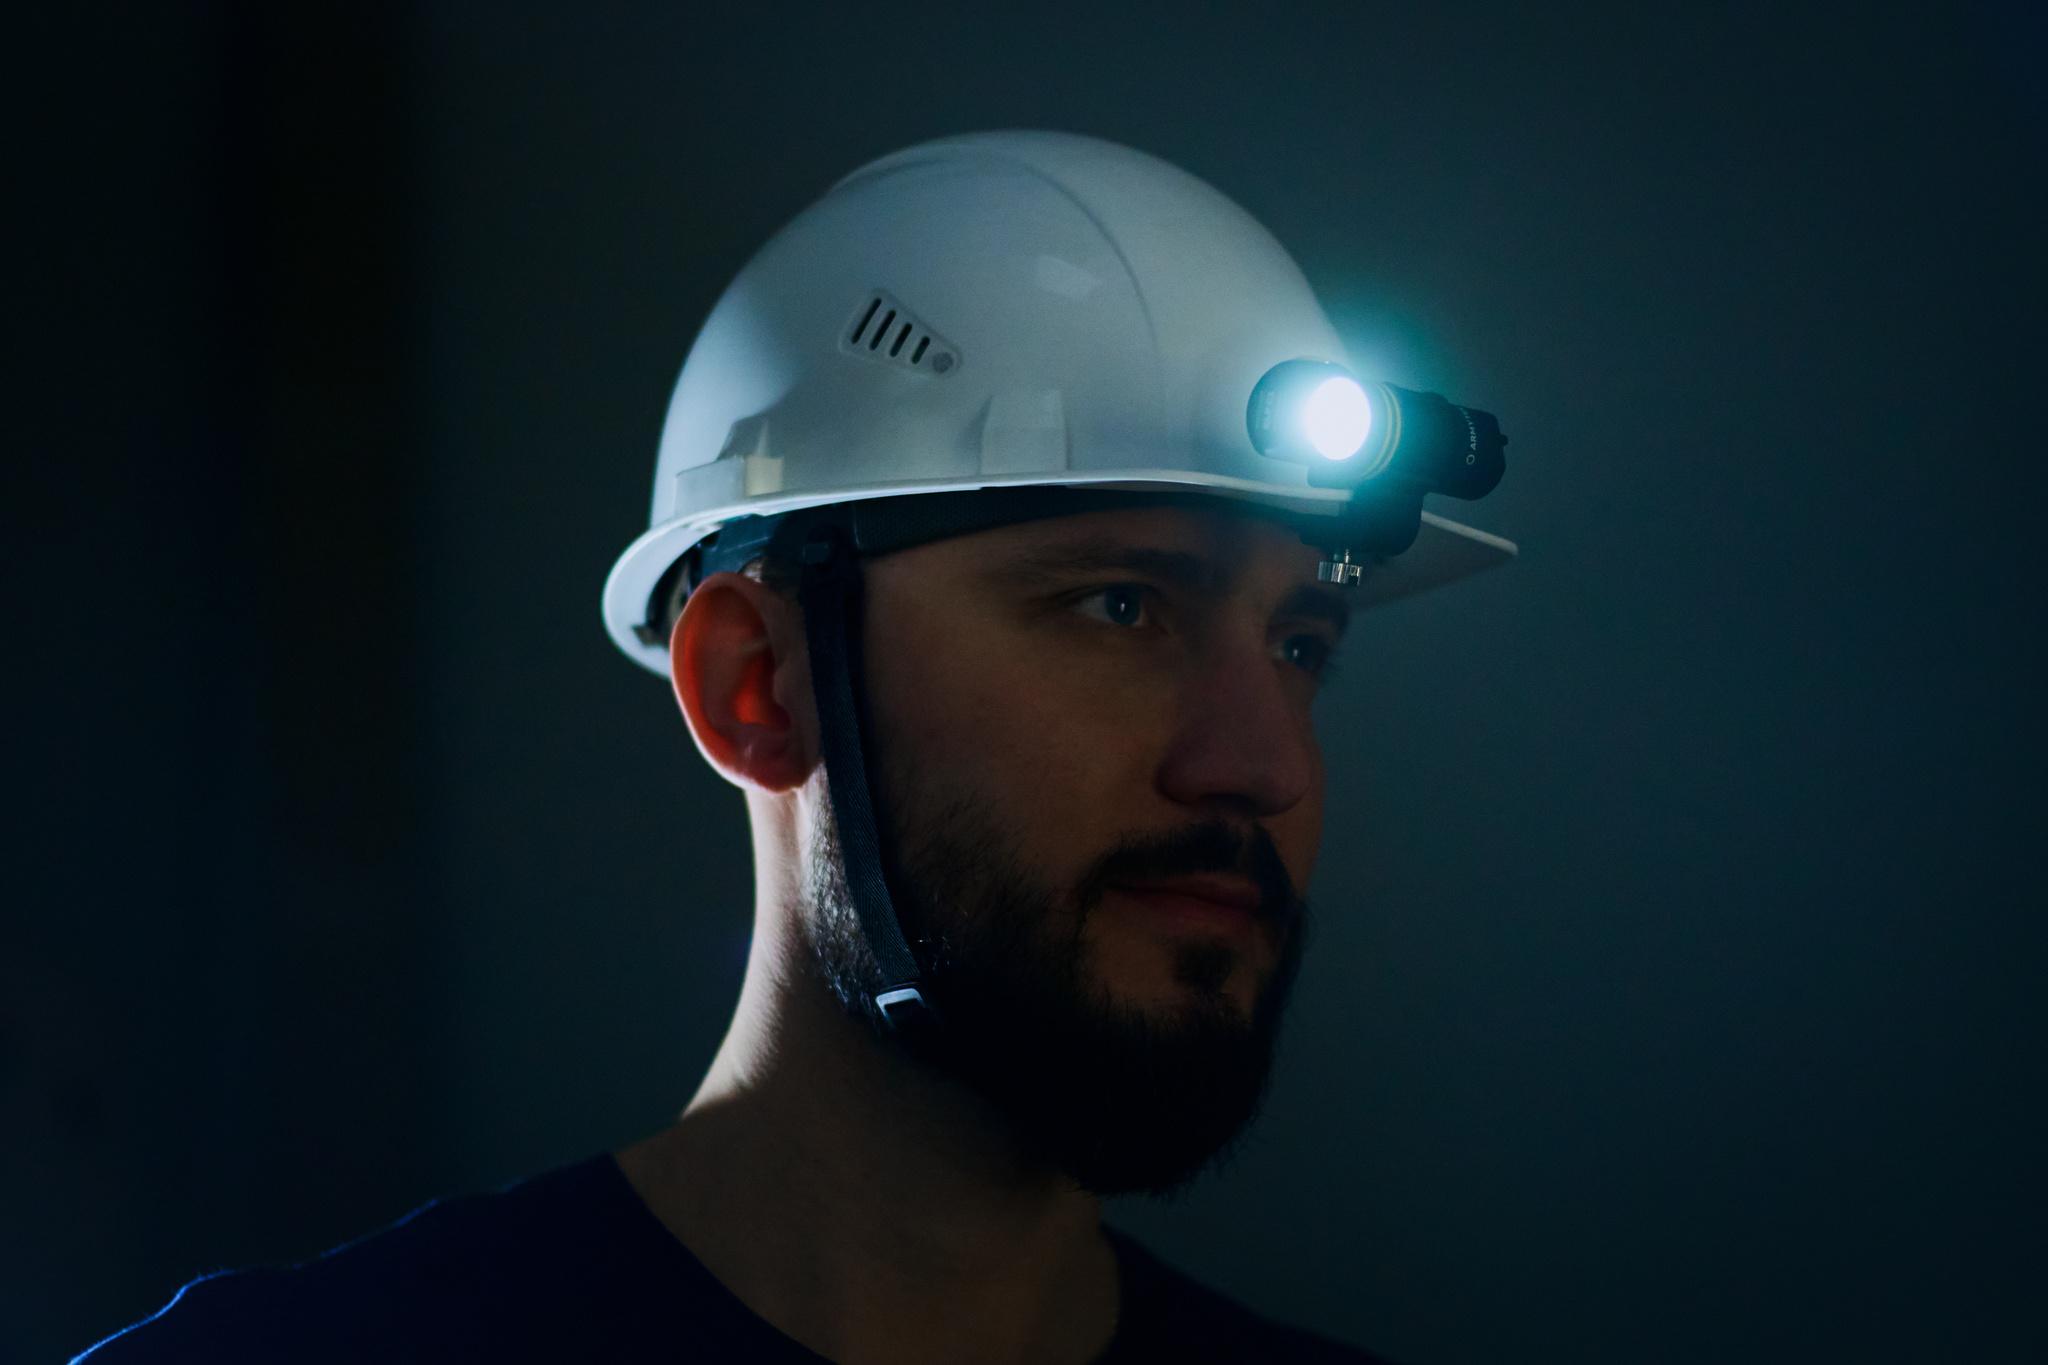 Налобный LED-фонарь Armytek Elf C1 Micro USB - фото 6